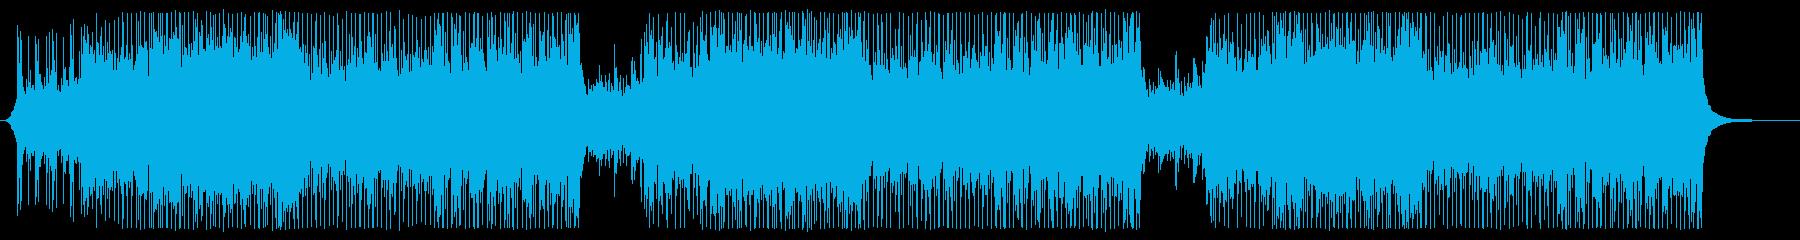 ピアノとギター主体の爽やかな映像向け曲の再生済みの波形